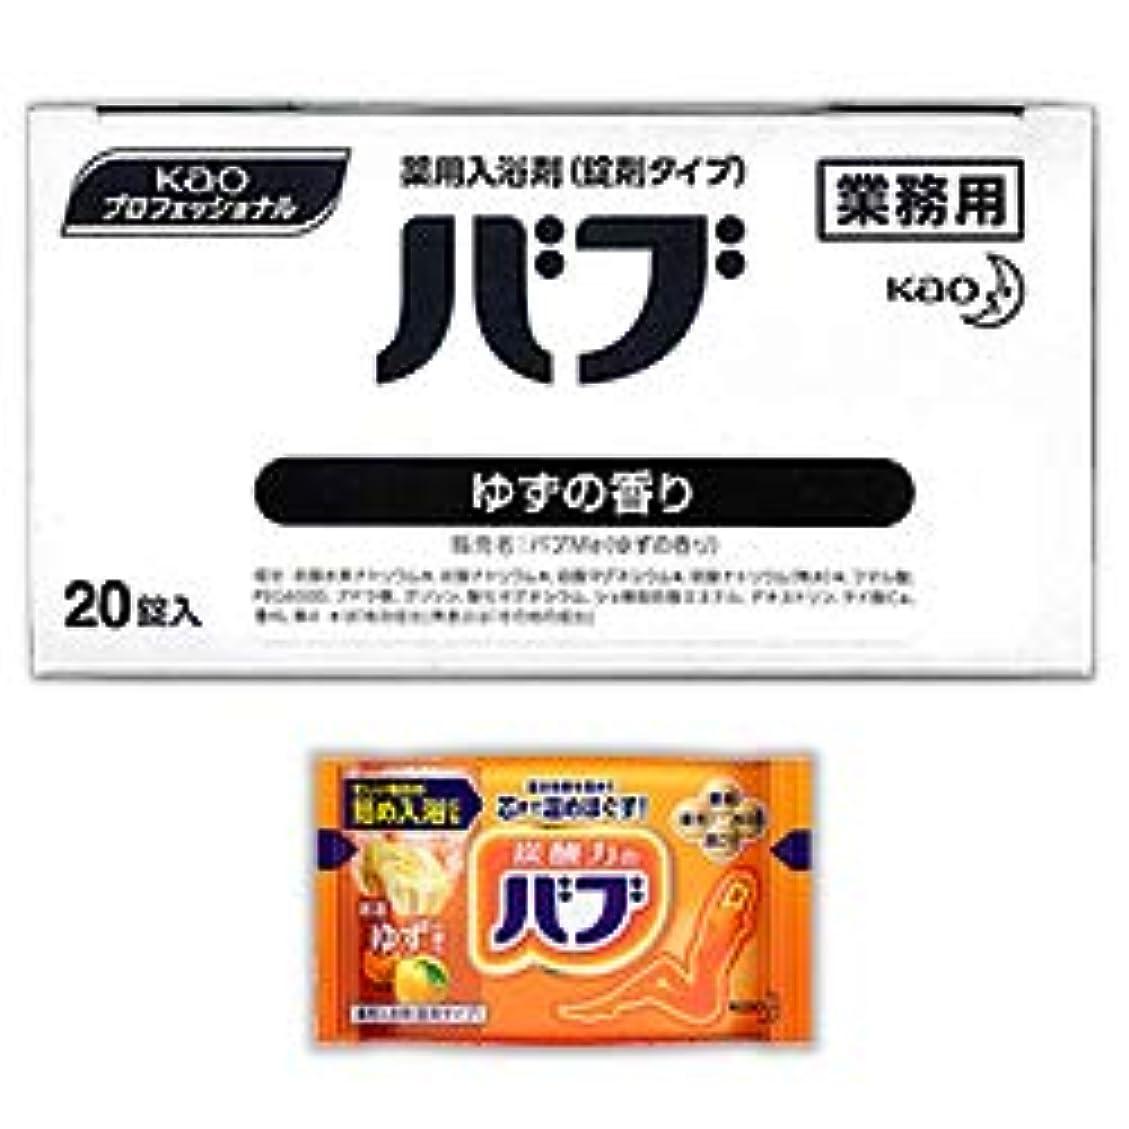 雇う好色な原告【花王】Kaoプロフェッショナル バブ ゆずの香り(業務用) 40g×20錠入 ×4個セット